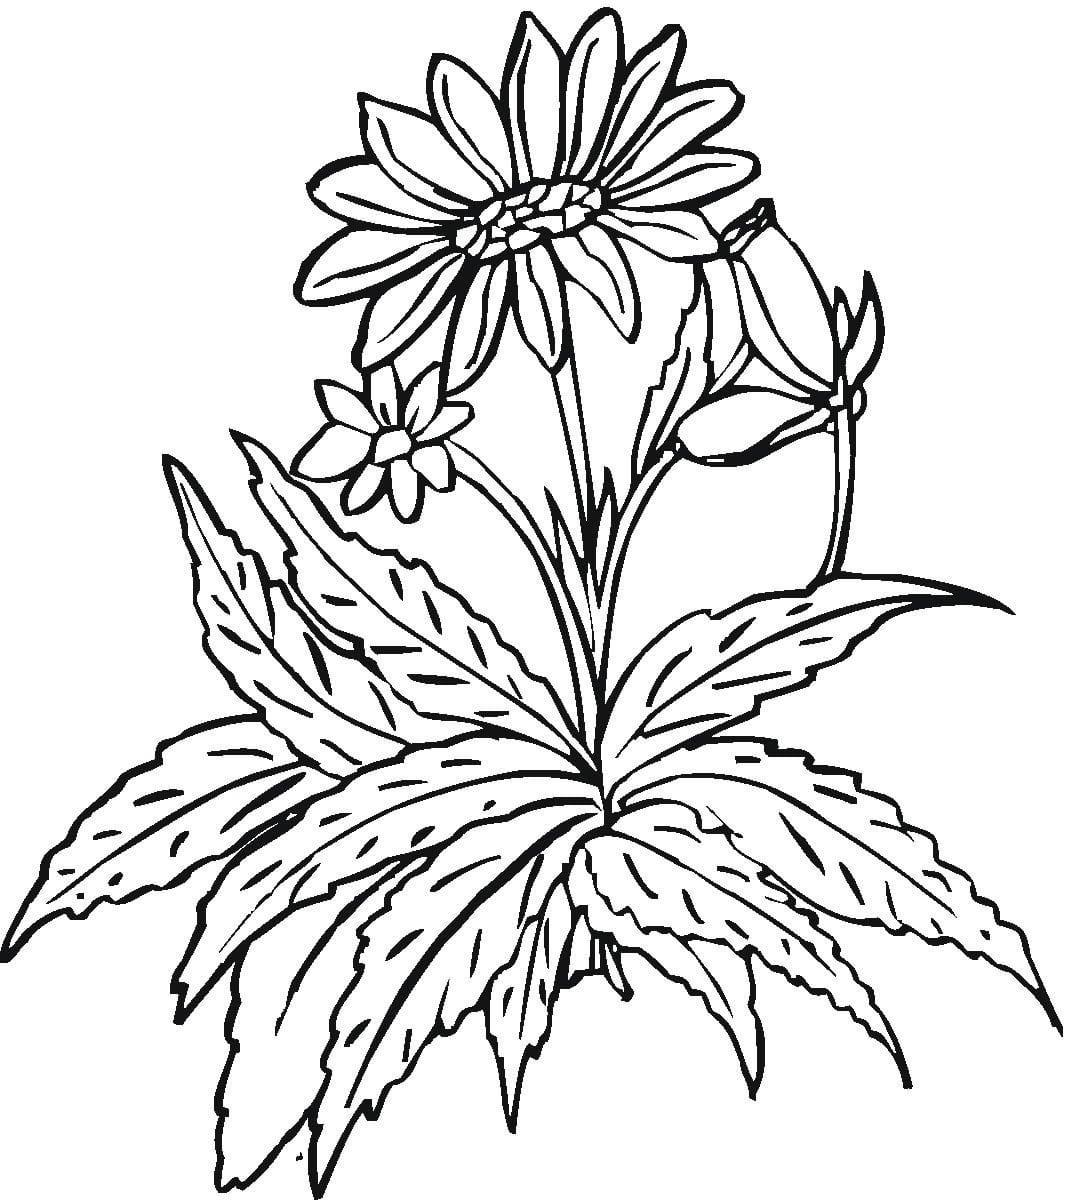 Desenhos De Flores Para Colorir  Imagens De Rosas Para Pintar Online